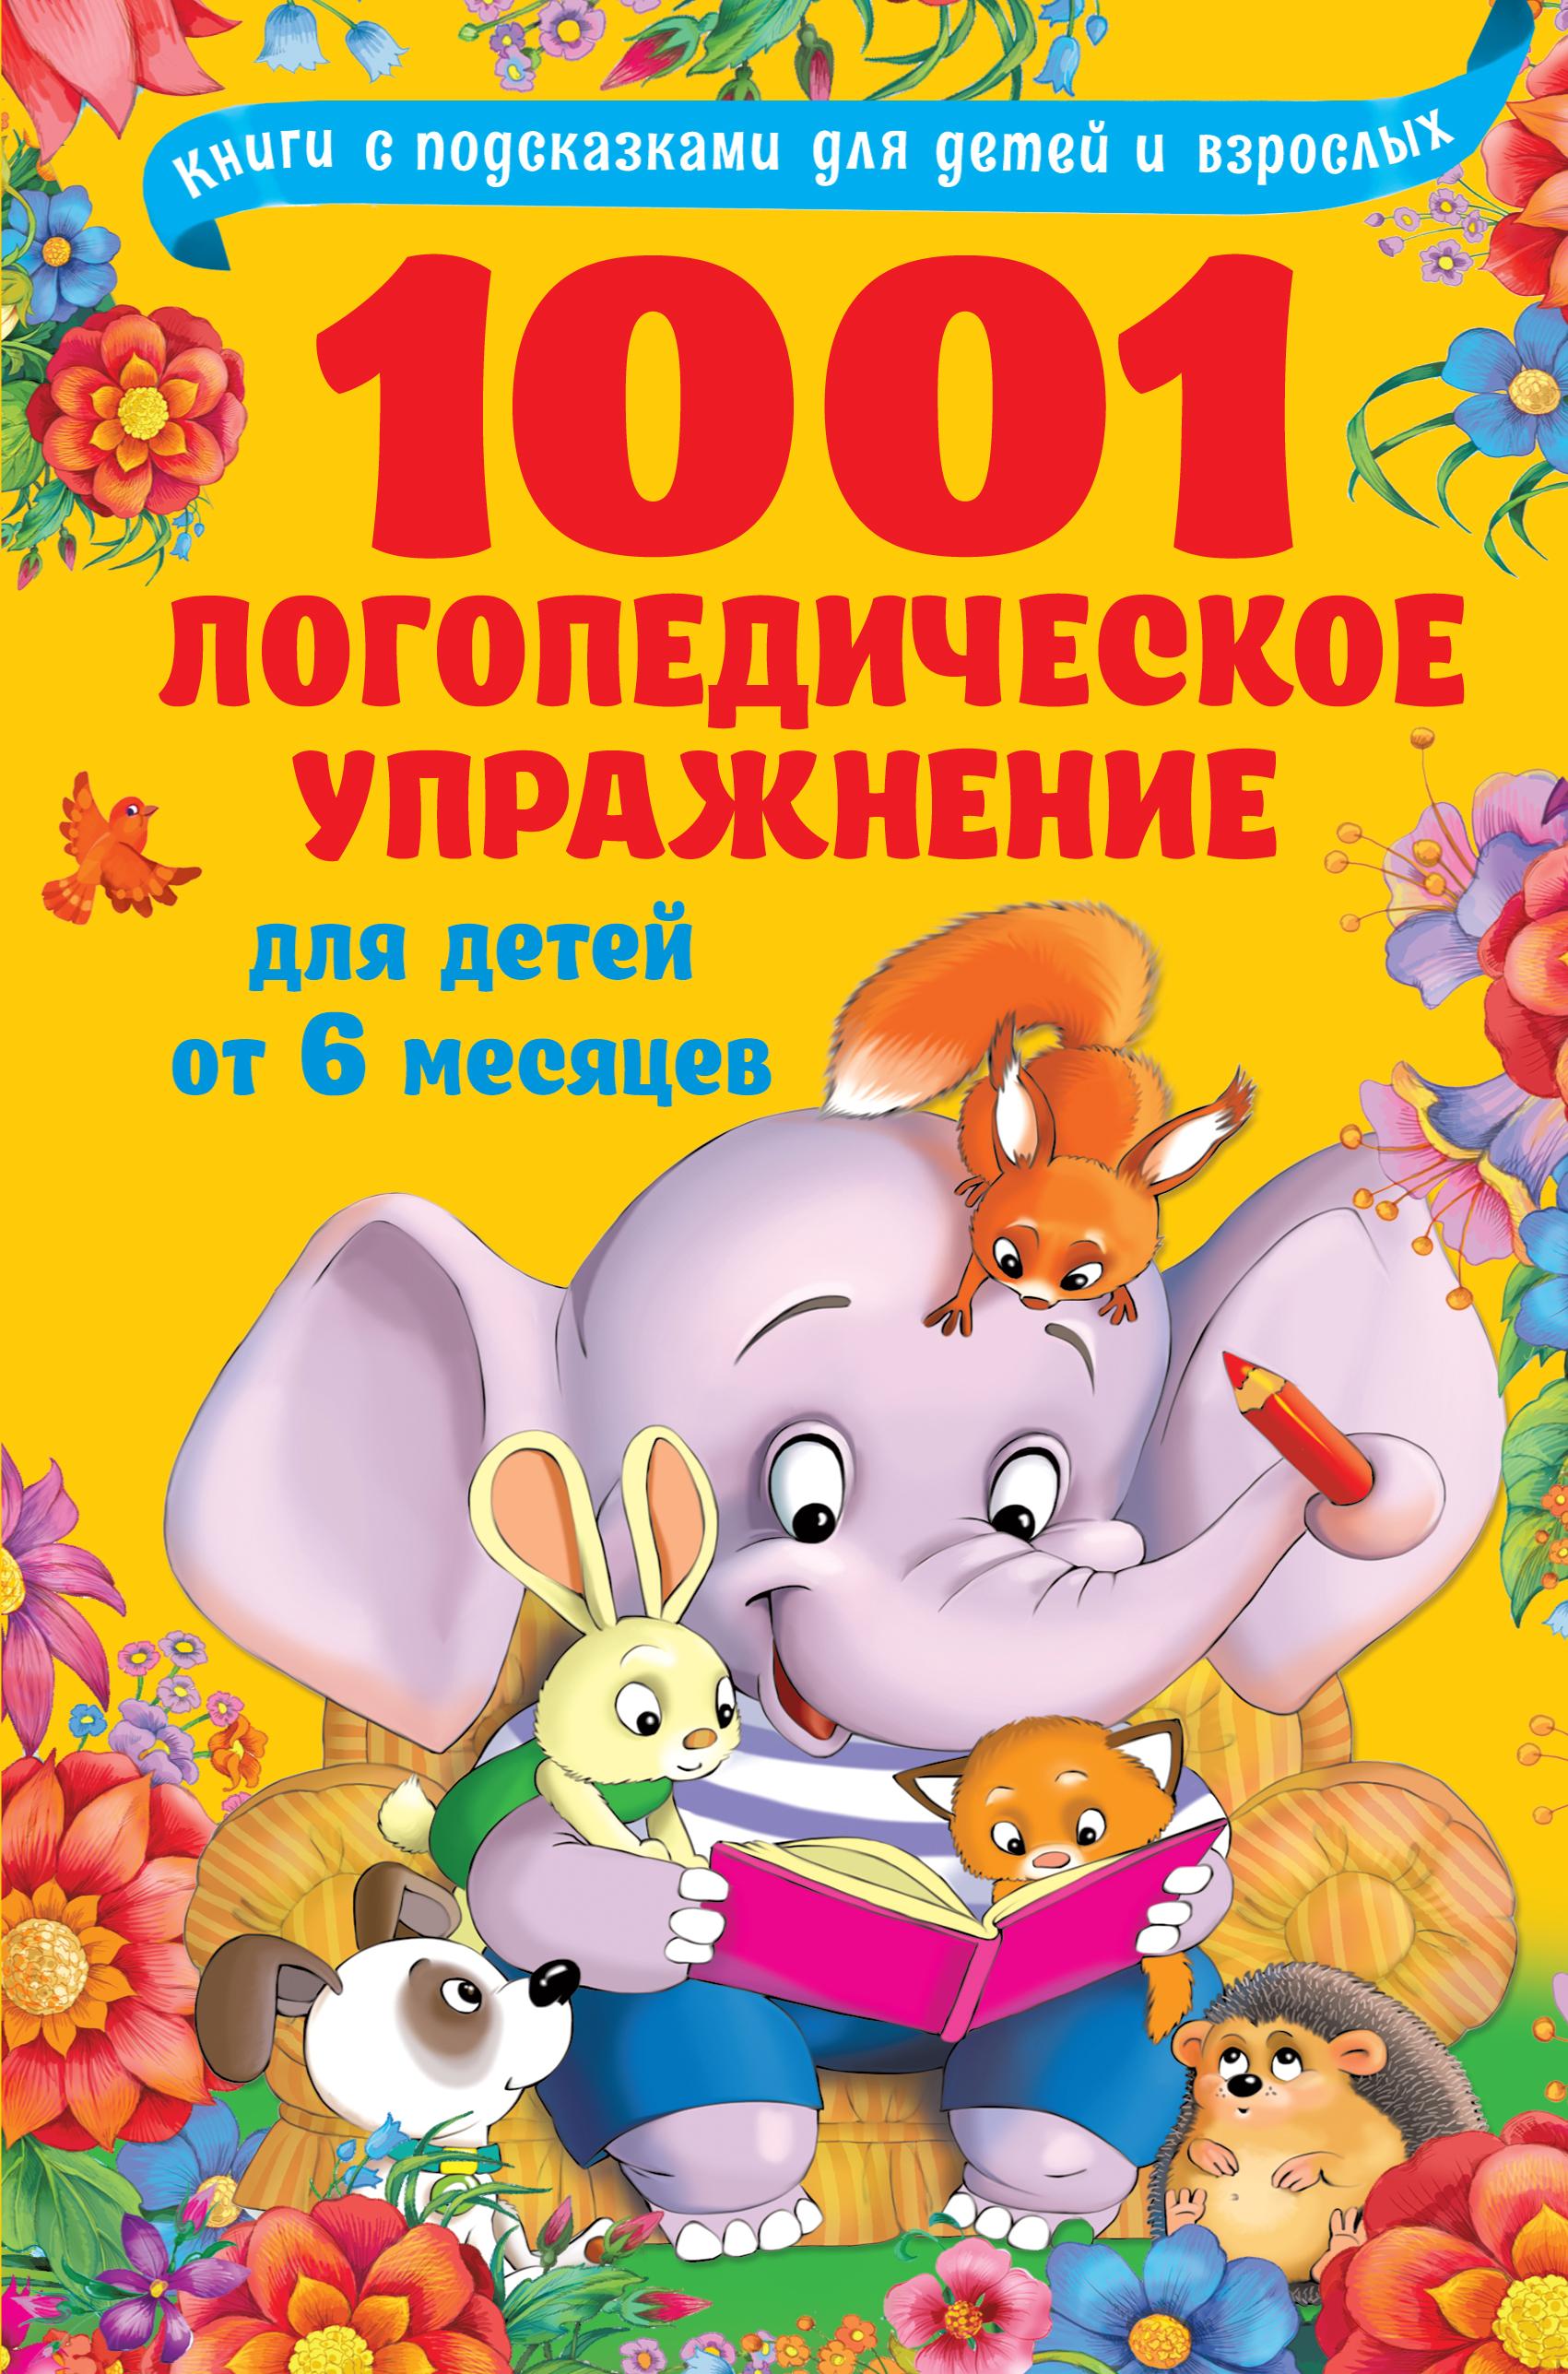 Купить книгу 1001 логопедическое упражнение для детей от 6 месяцев, автора О. А. Новиковской